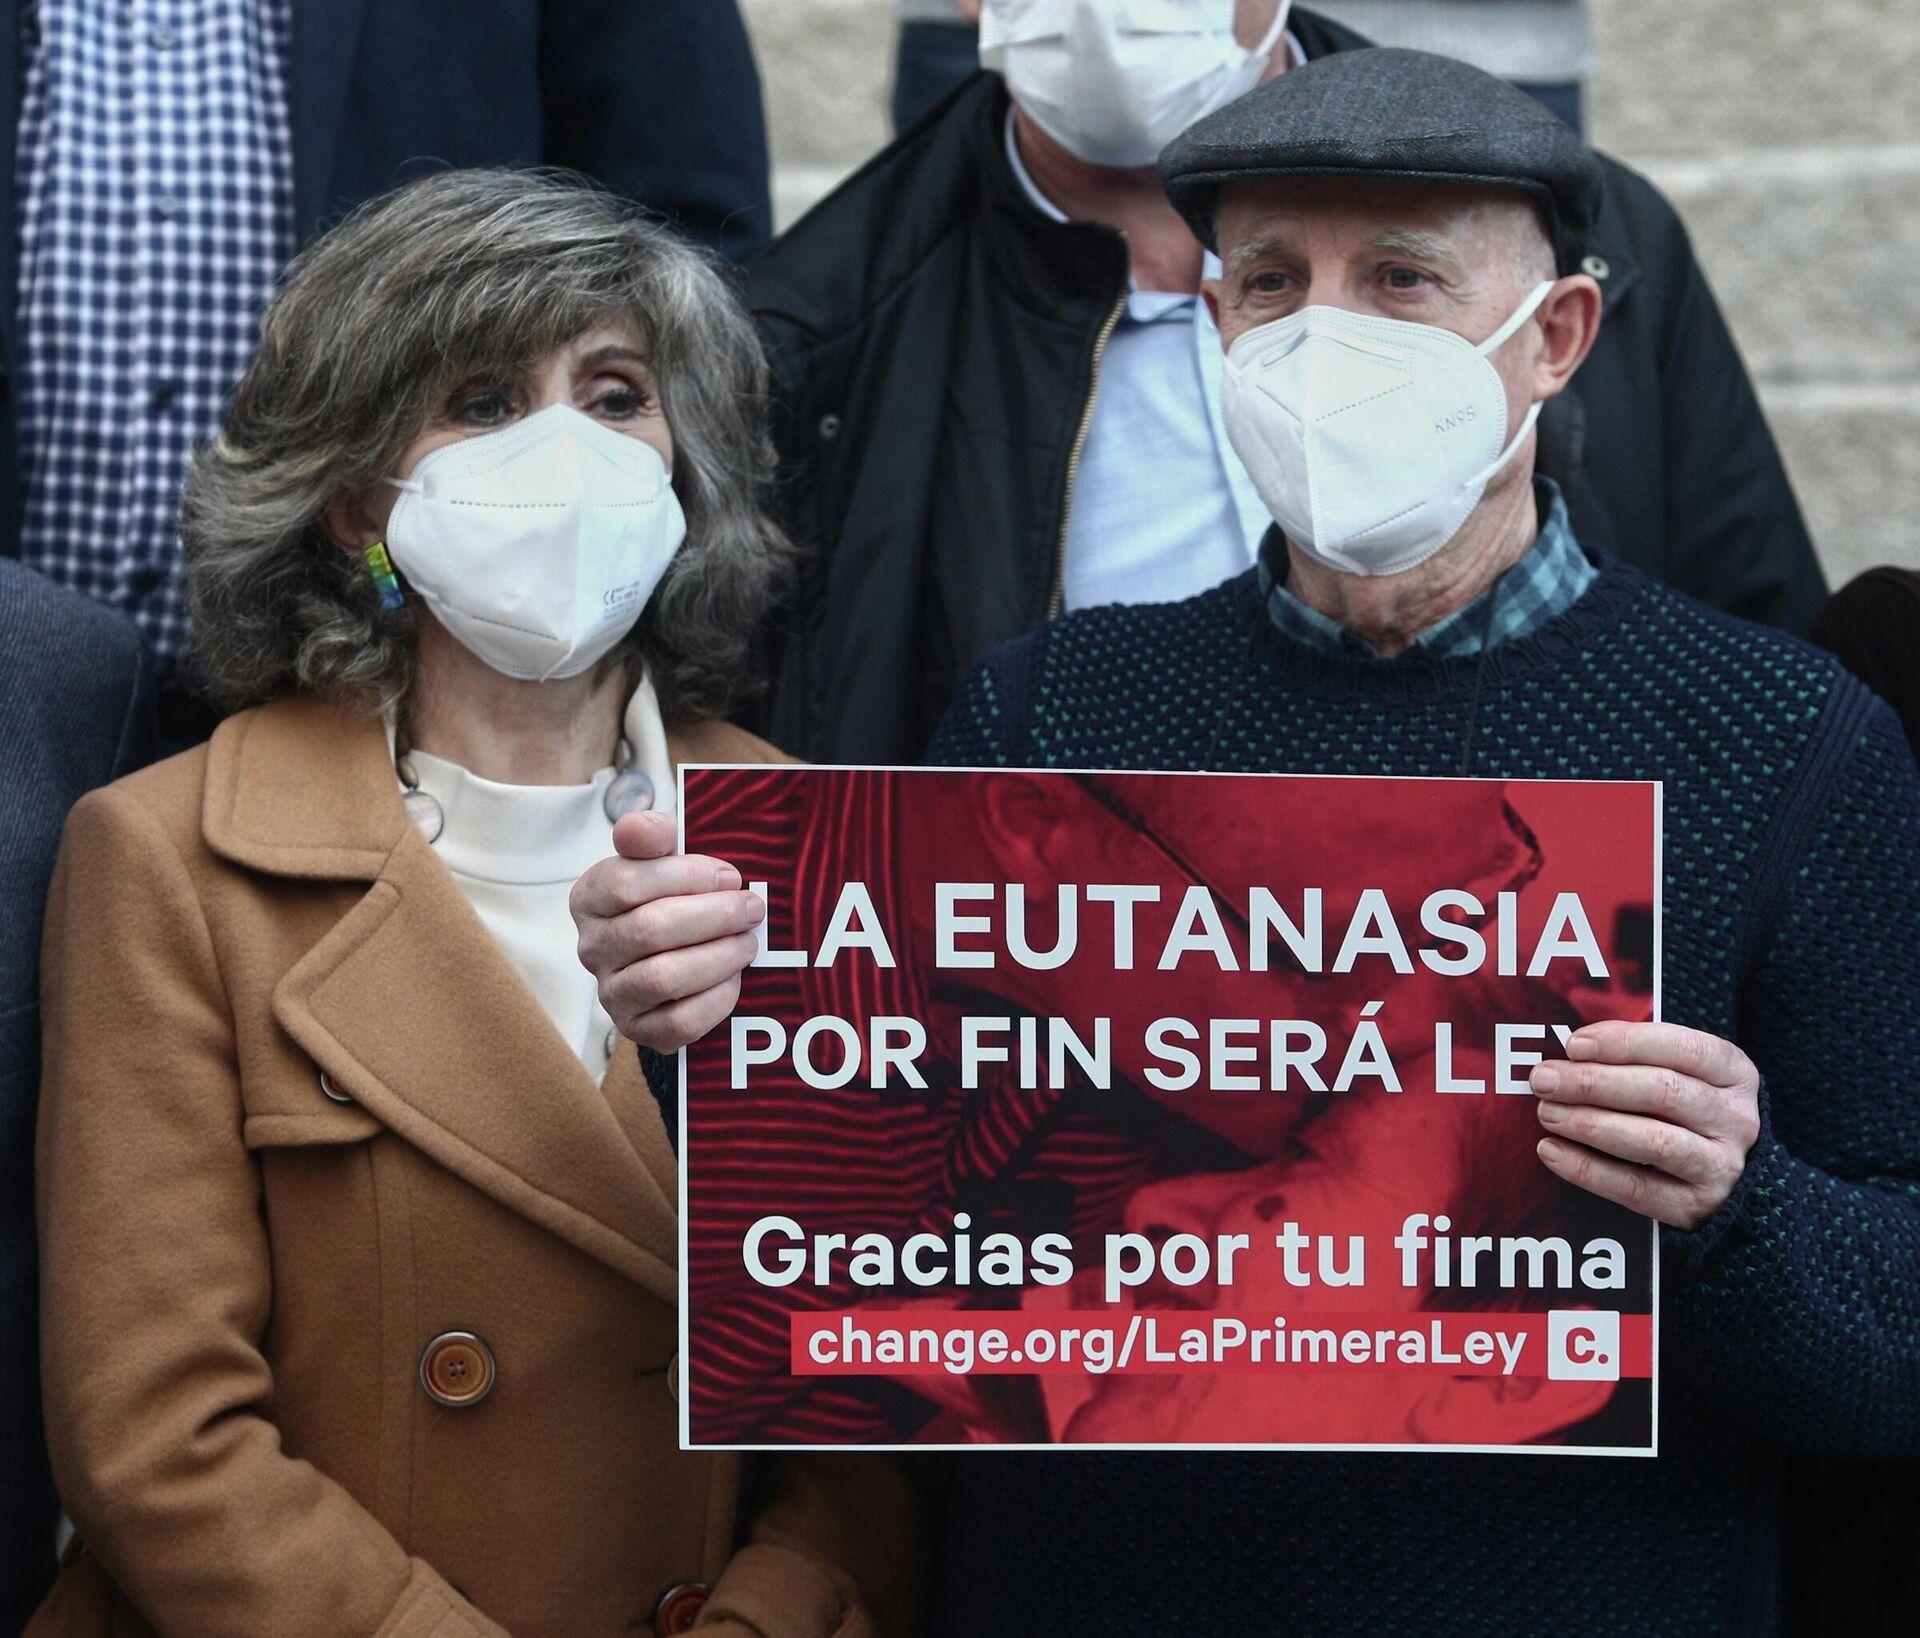 Ángel Hernández y la exministra de Sanidad María Luisa Carcedo celebran la aprobación de la ley de la eutanasia - Sputnik Mundo, 1920, 01.07.2021